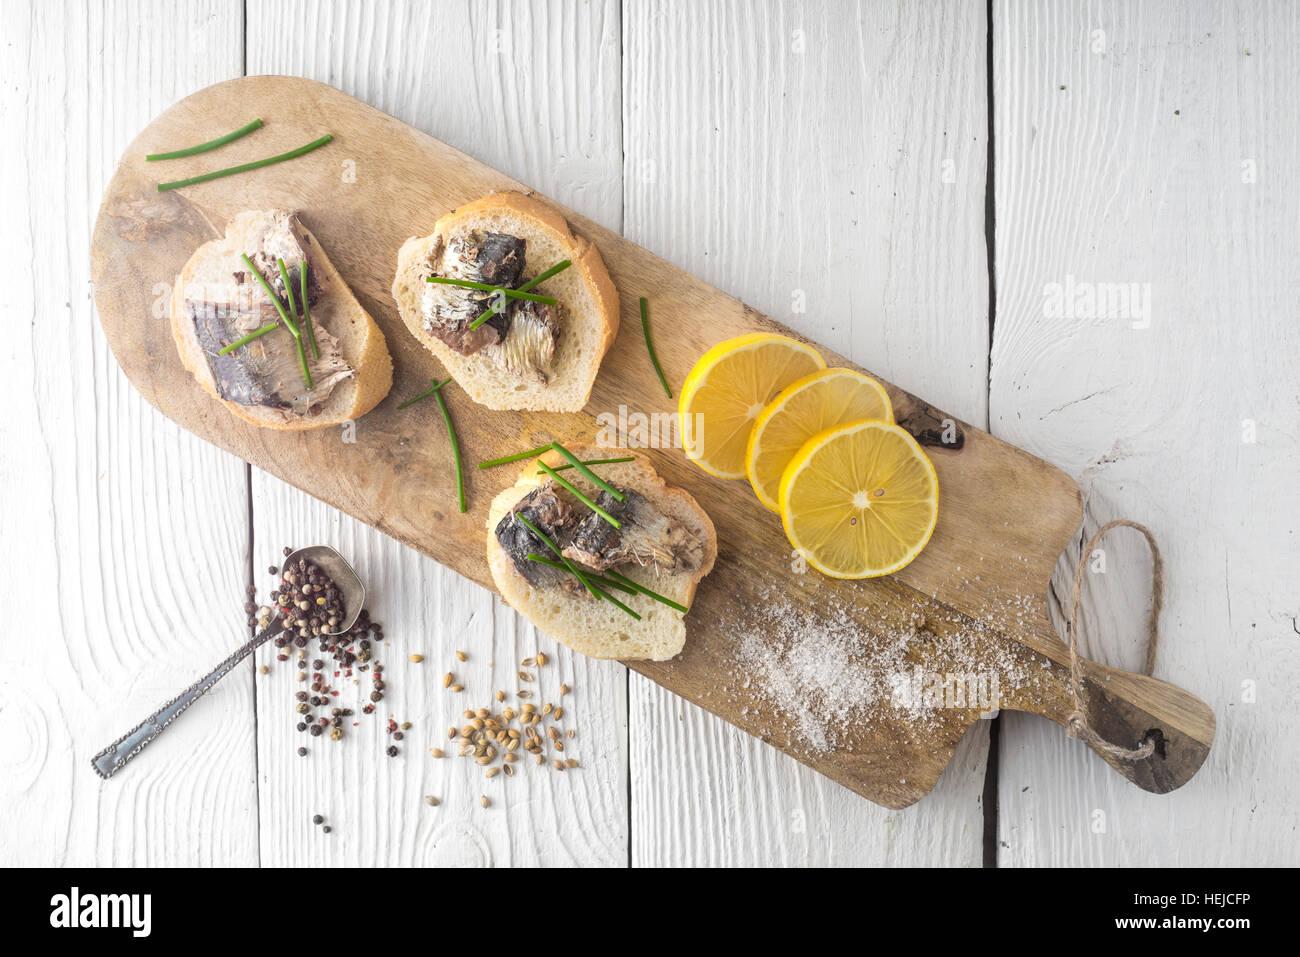 Des sandwichs avec des sardines sur une planche à découper Photo Stock